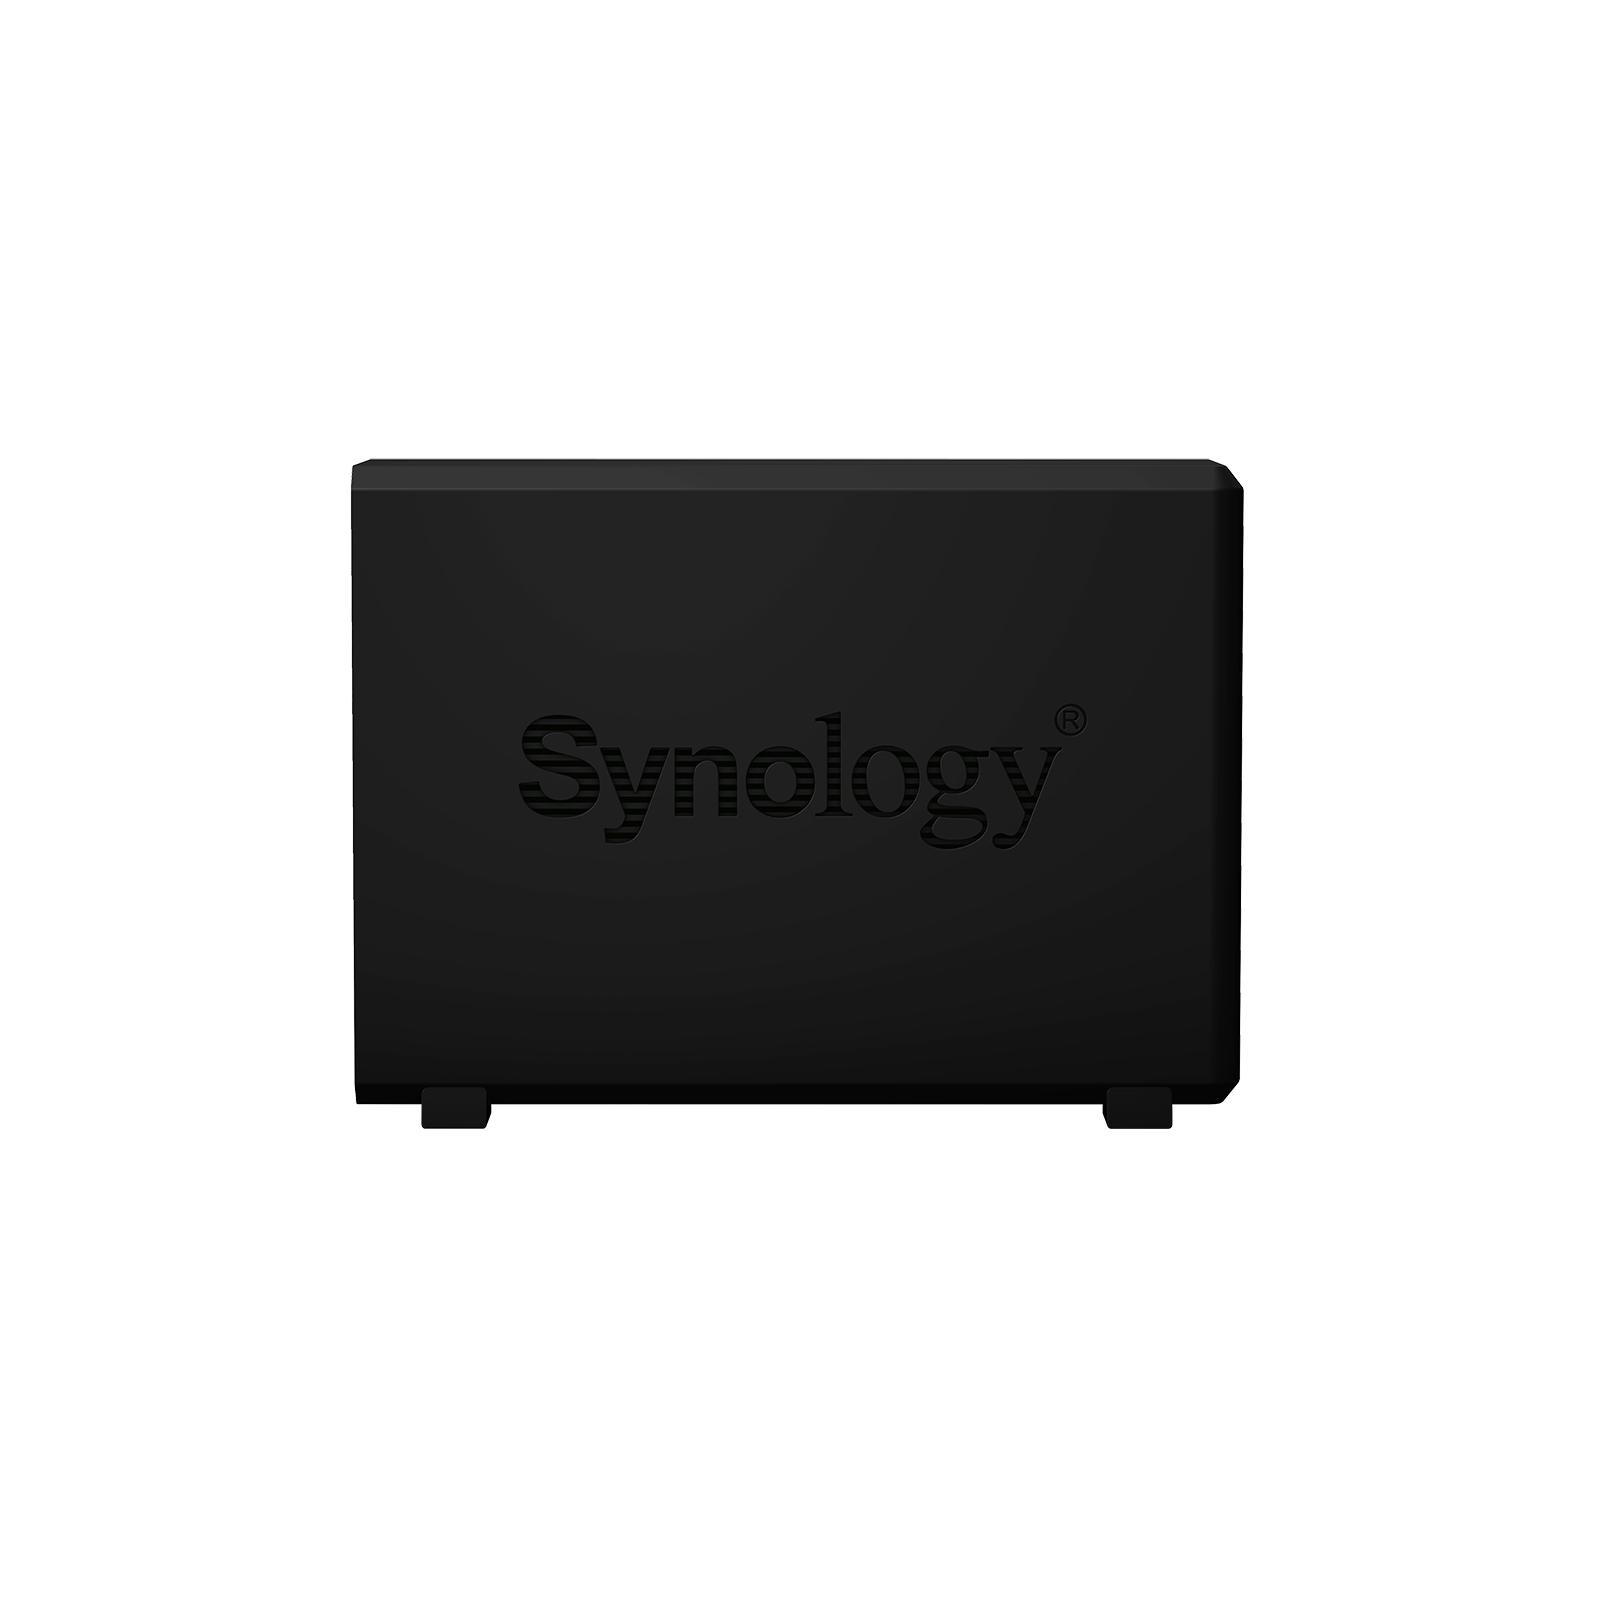 Регистратор для видеонаблюдения Synology NVR216 (9CH) изображение 6